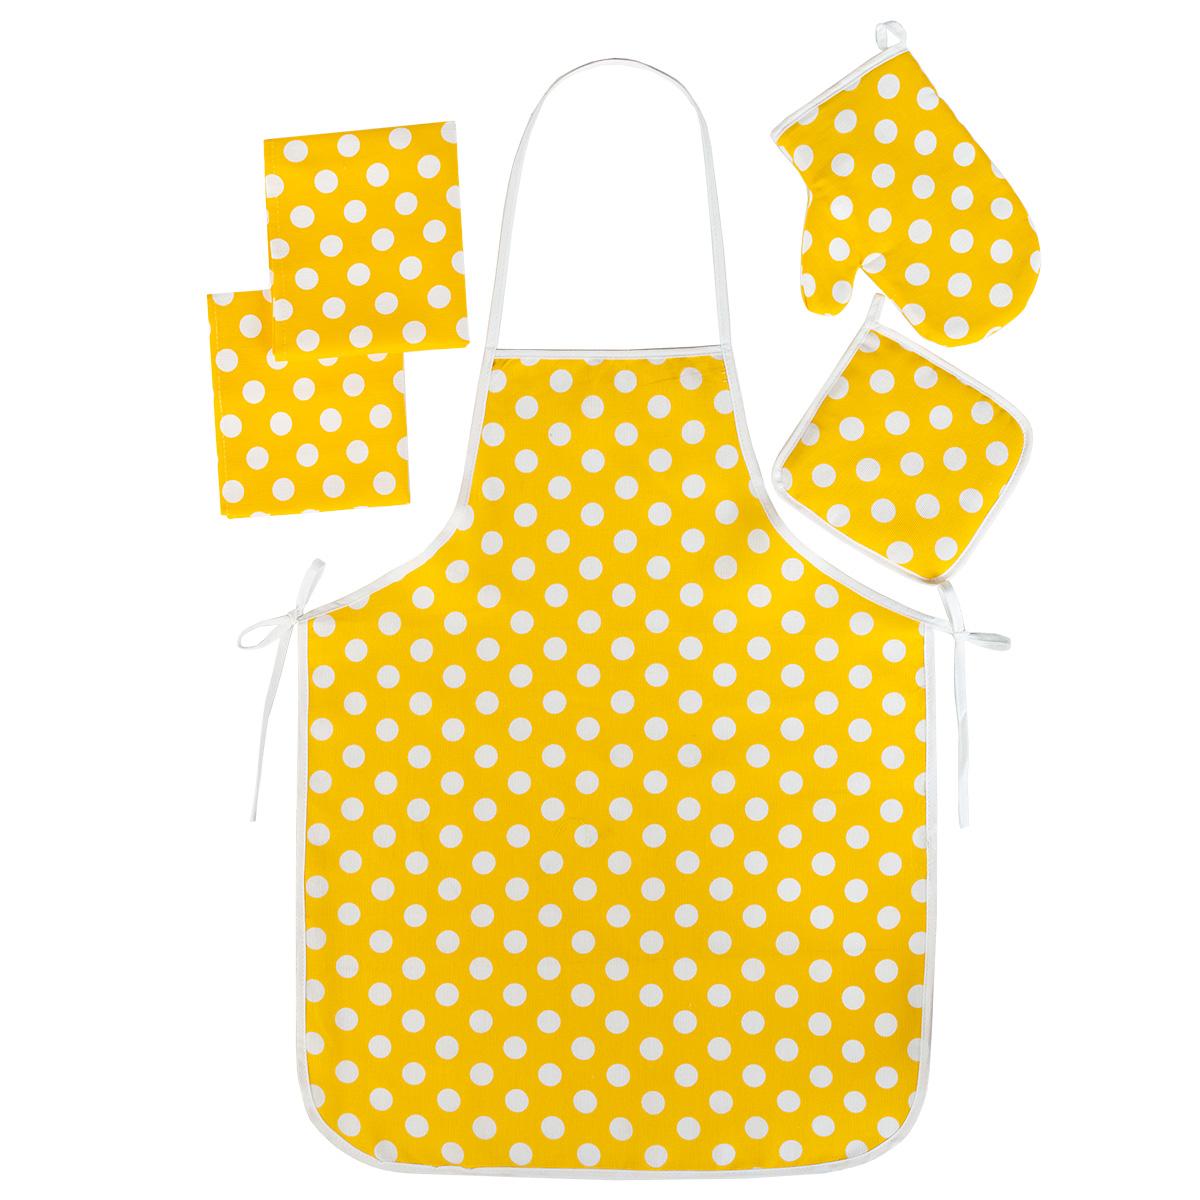 """Кухонные принадлежности """"Горошек"""" Желтый р. 5 пред. — Горошек Желтый"""